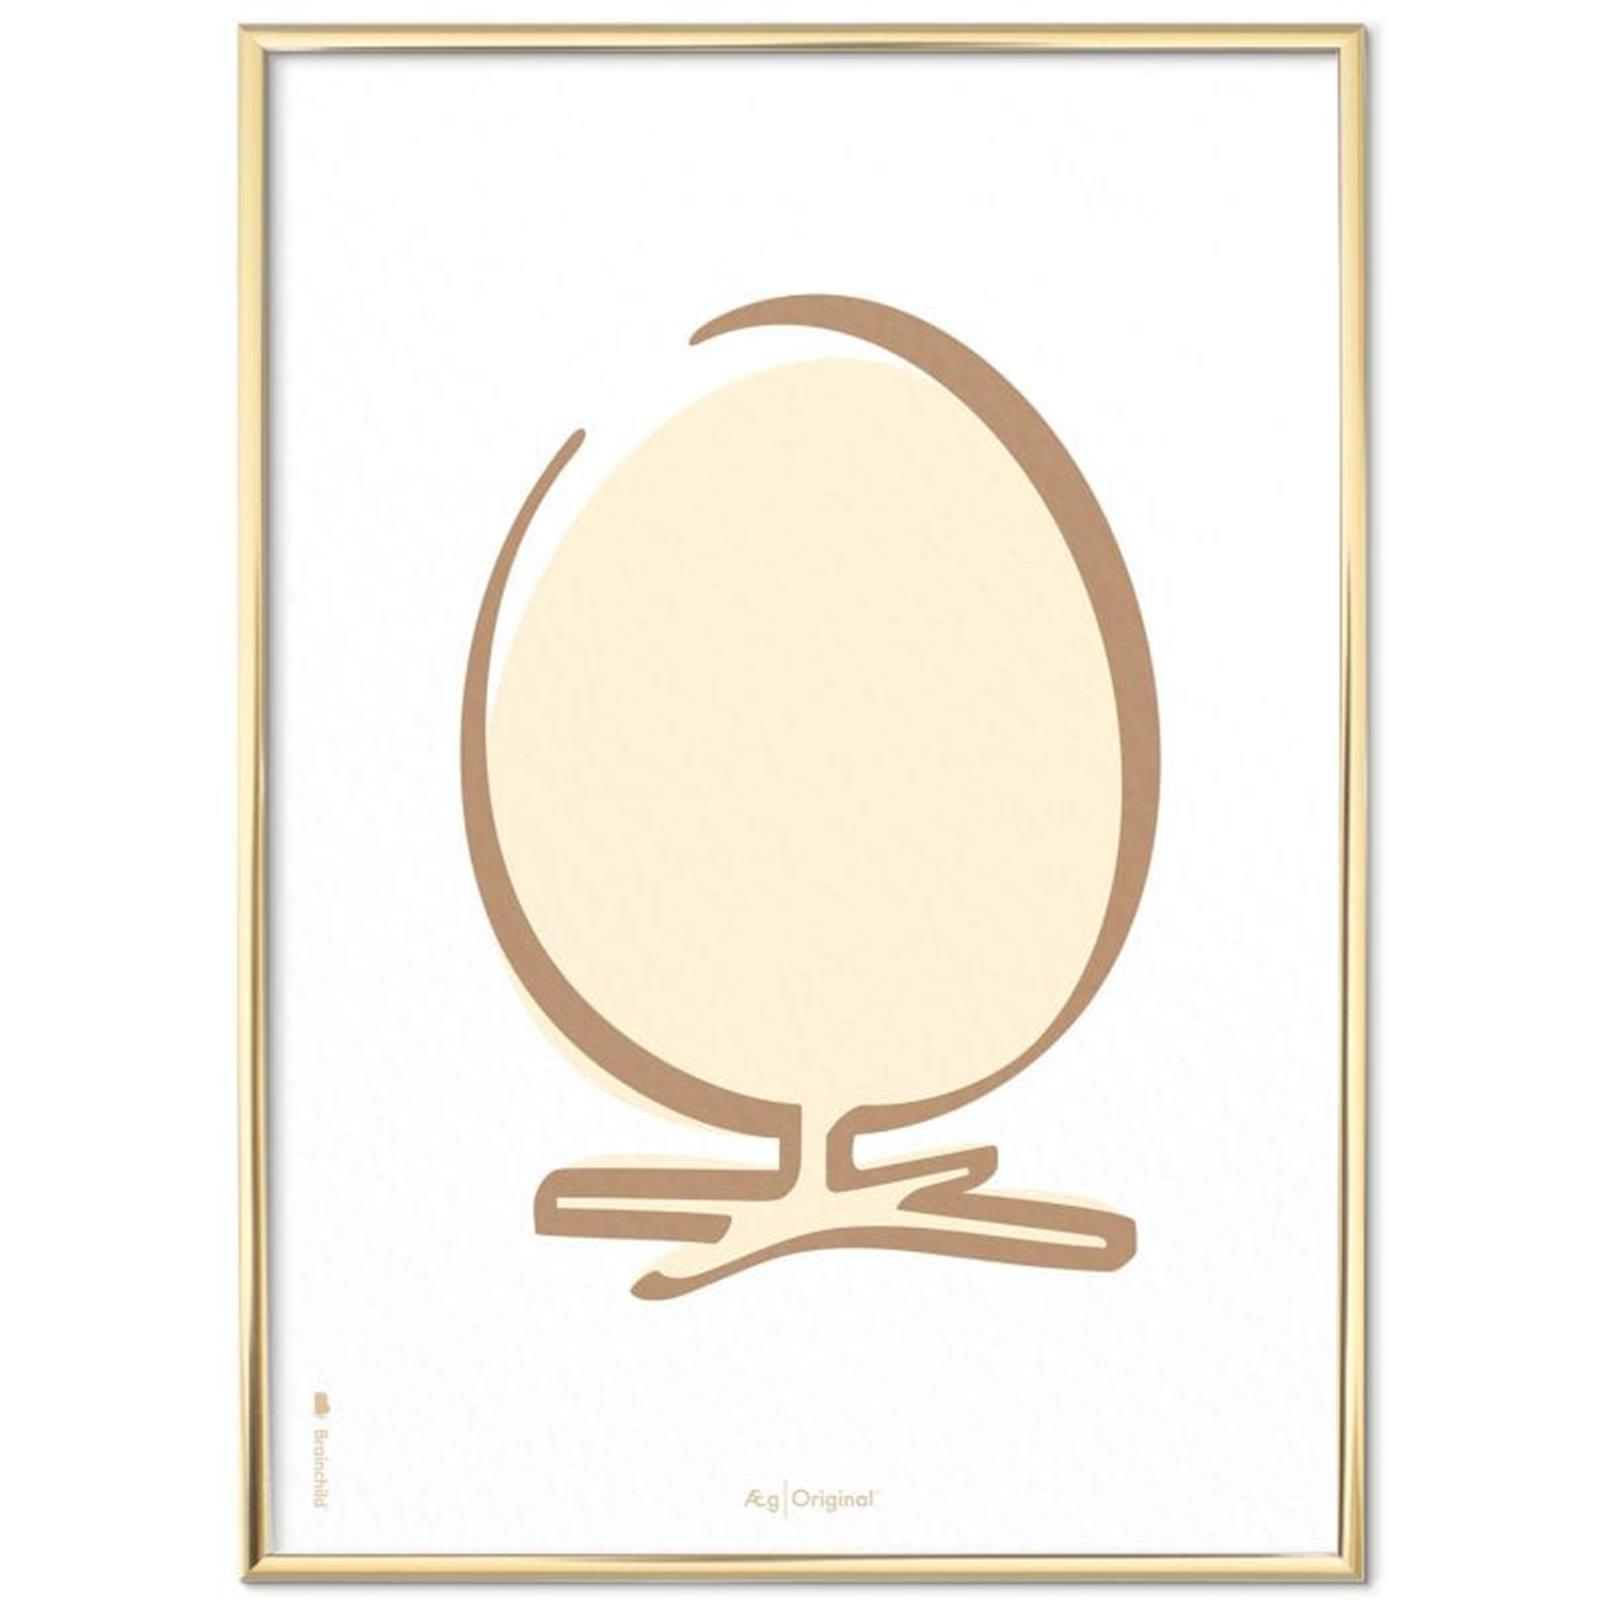 Billede af Brainchild - Plakat med Ægget - Streg - Hvid Baggrund